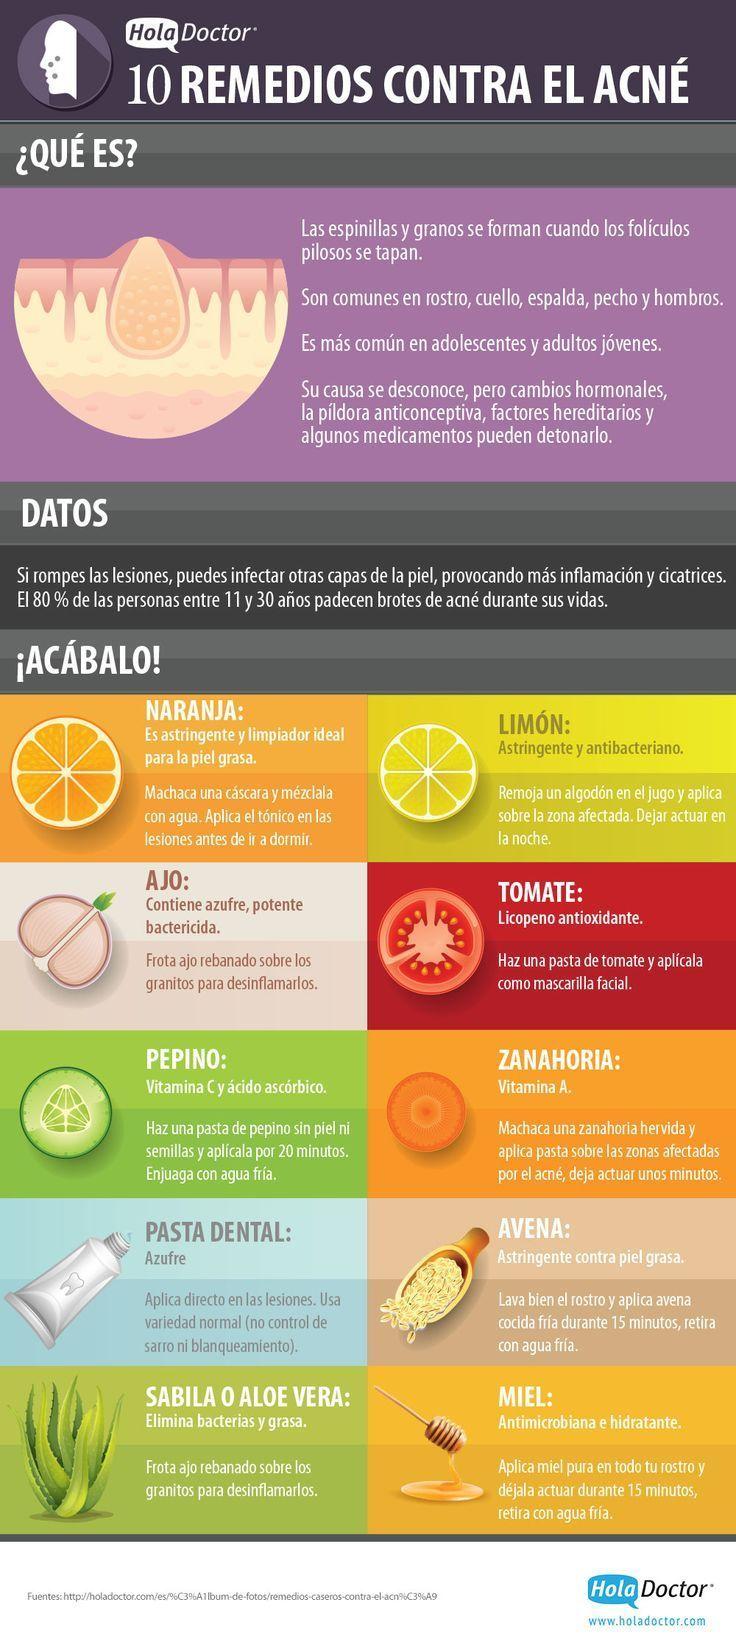 El 80% de las personas adultas entre 11 y 30 añospadecen brotes de acné durante sus vidas. Las causas se desconocen, pero los cambios hormonales, la píldora anticonceptiva, factores hereditarios y algunos medicamentos pueden detonarlo. Afortunadamente existen algunos remedios caseros contra el acnéque nos pueden ayudar a combatirlo. En esta infografía podemos ver 10 de …